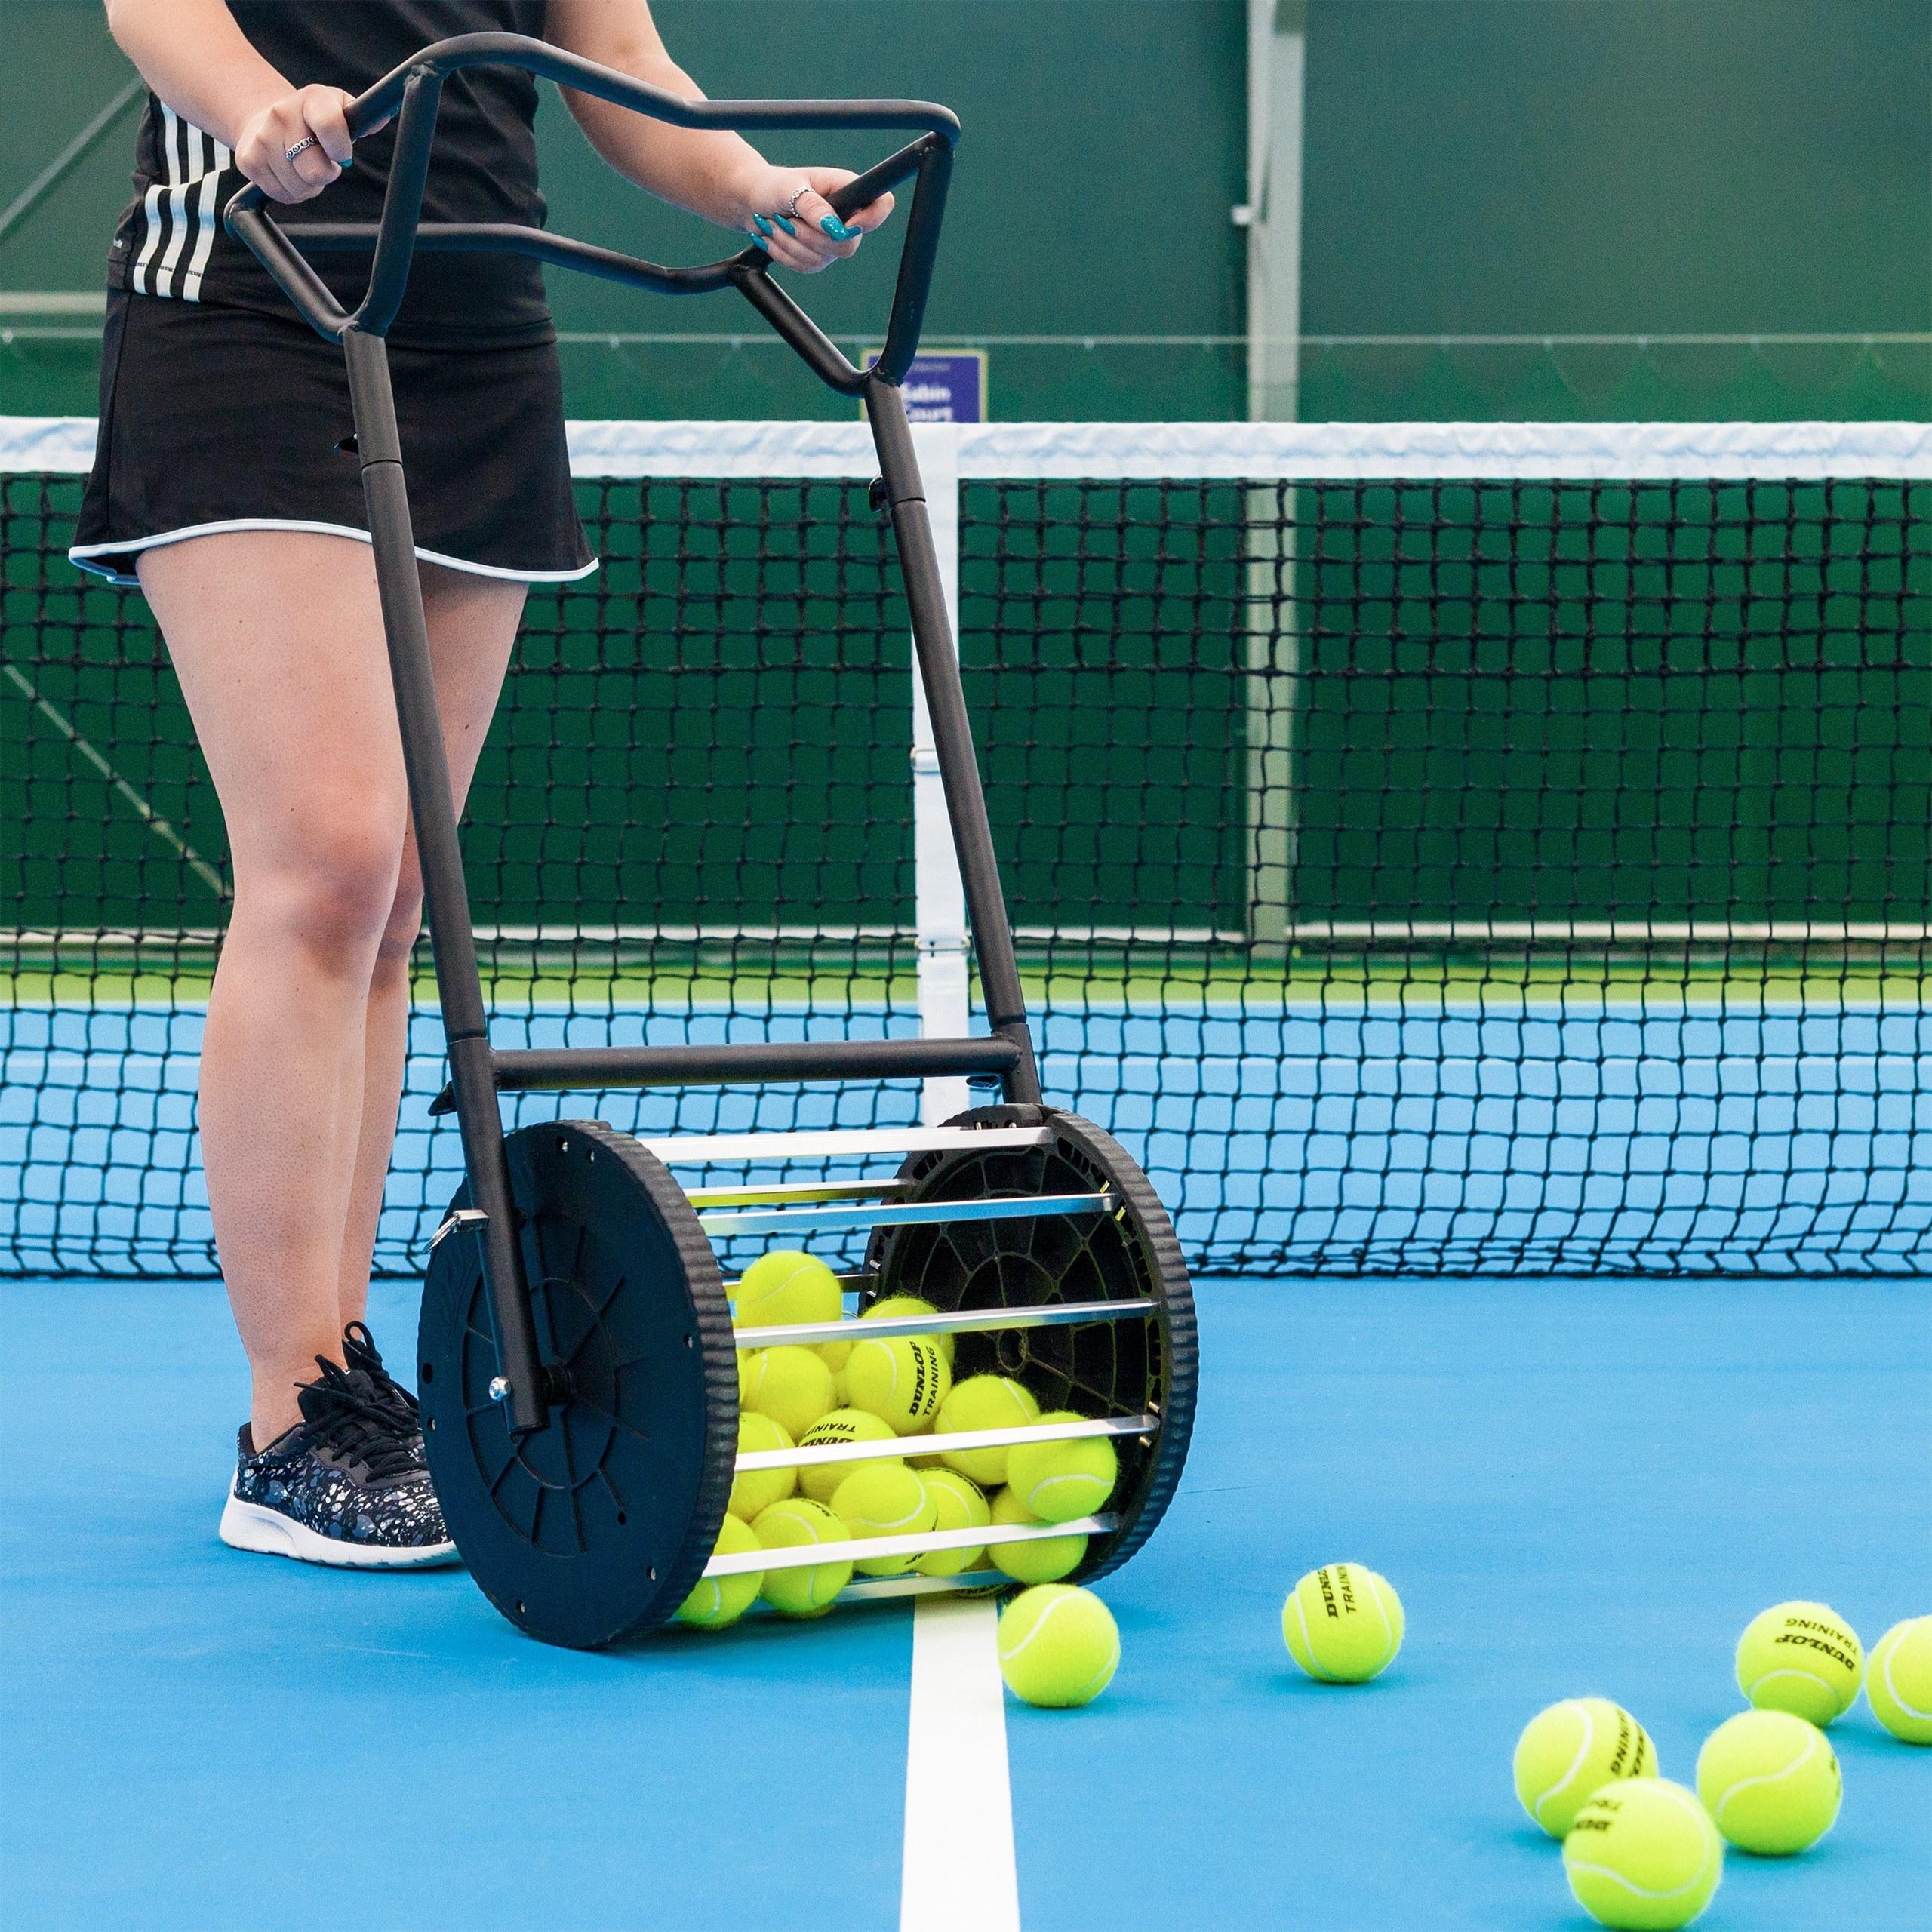 Tennis Ball Collector Tennis Ball Hopper Net World Sports